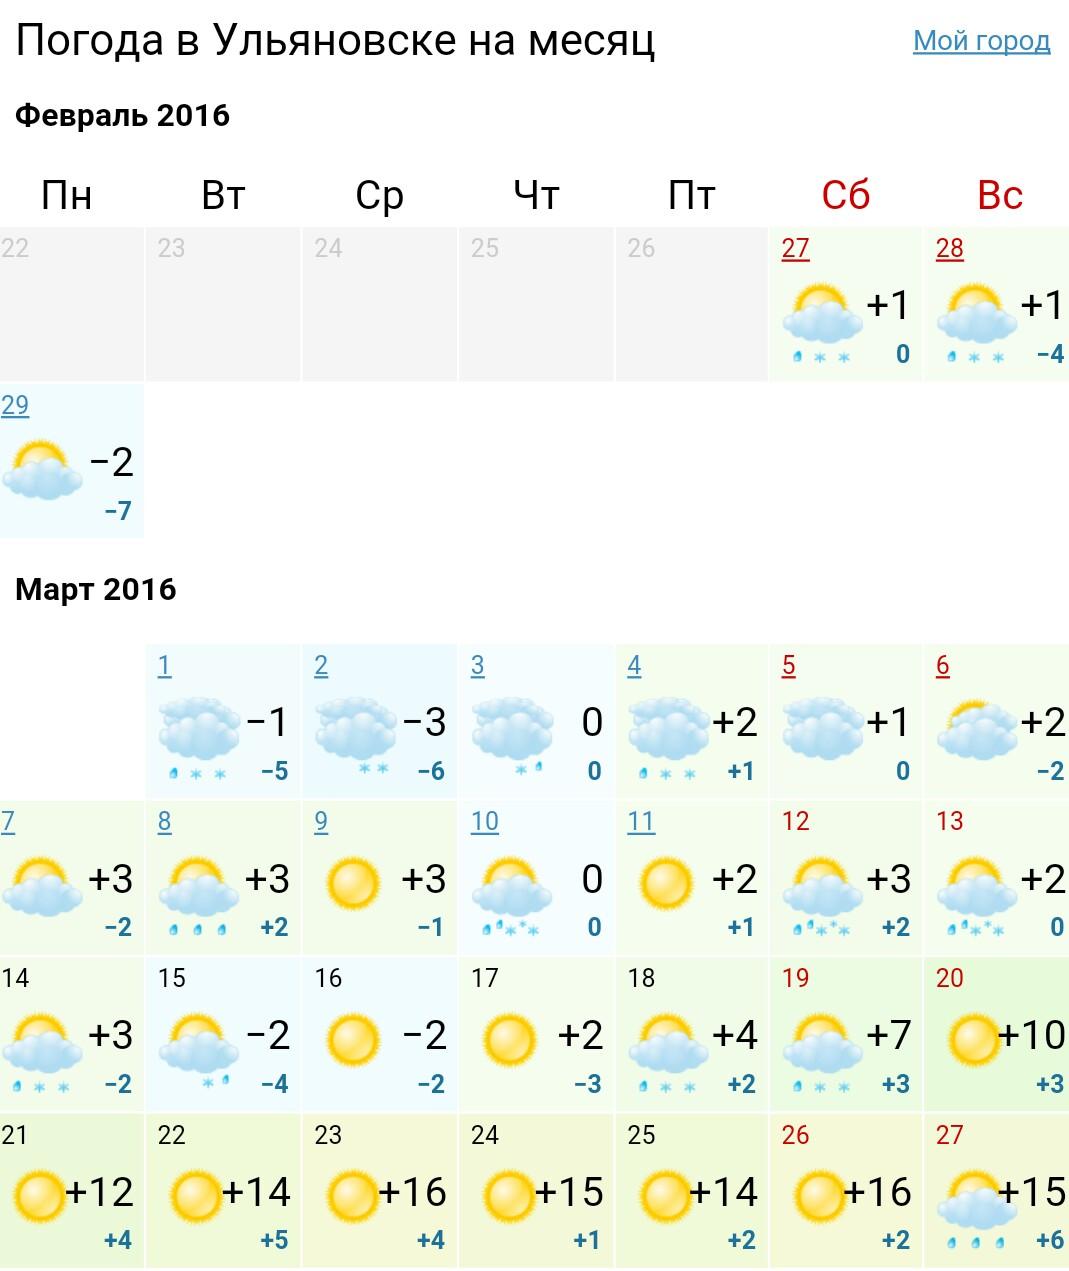 Погода в турции точный прогноз